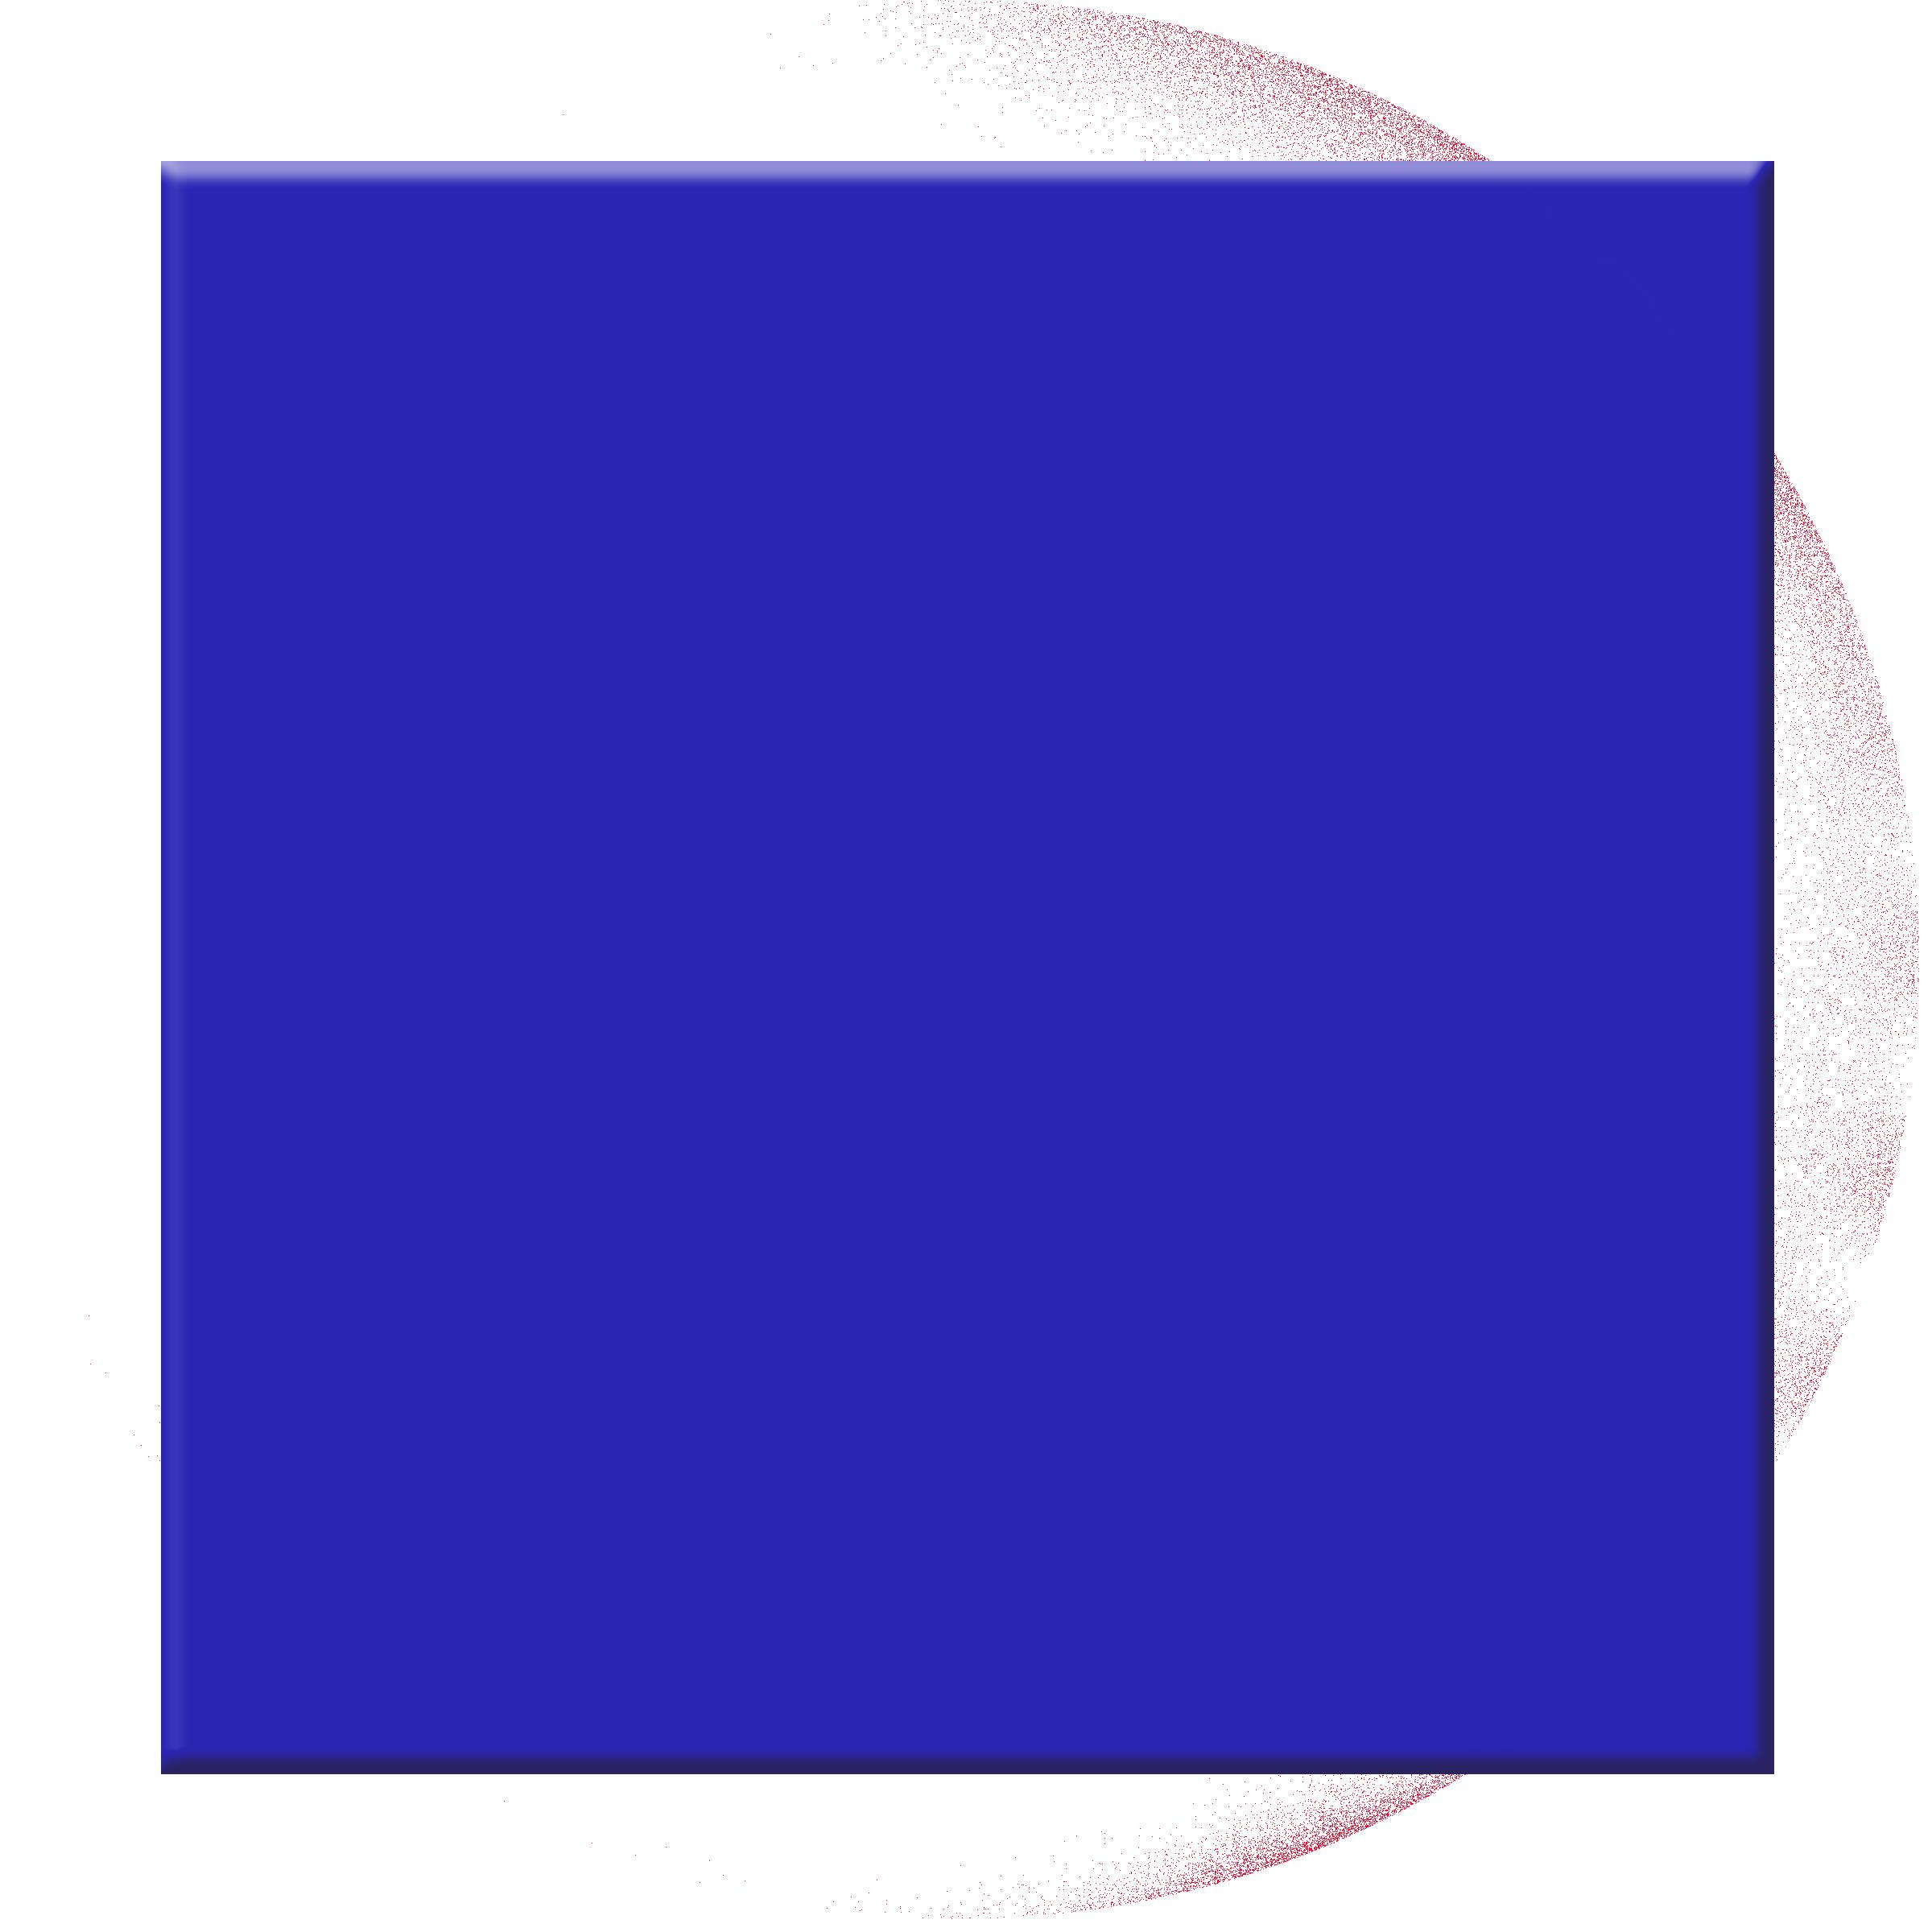 Square Clipart.